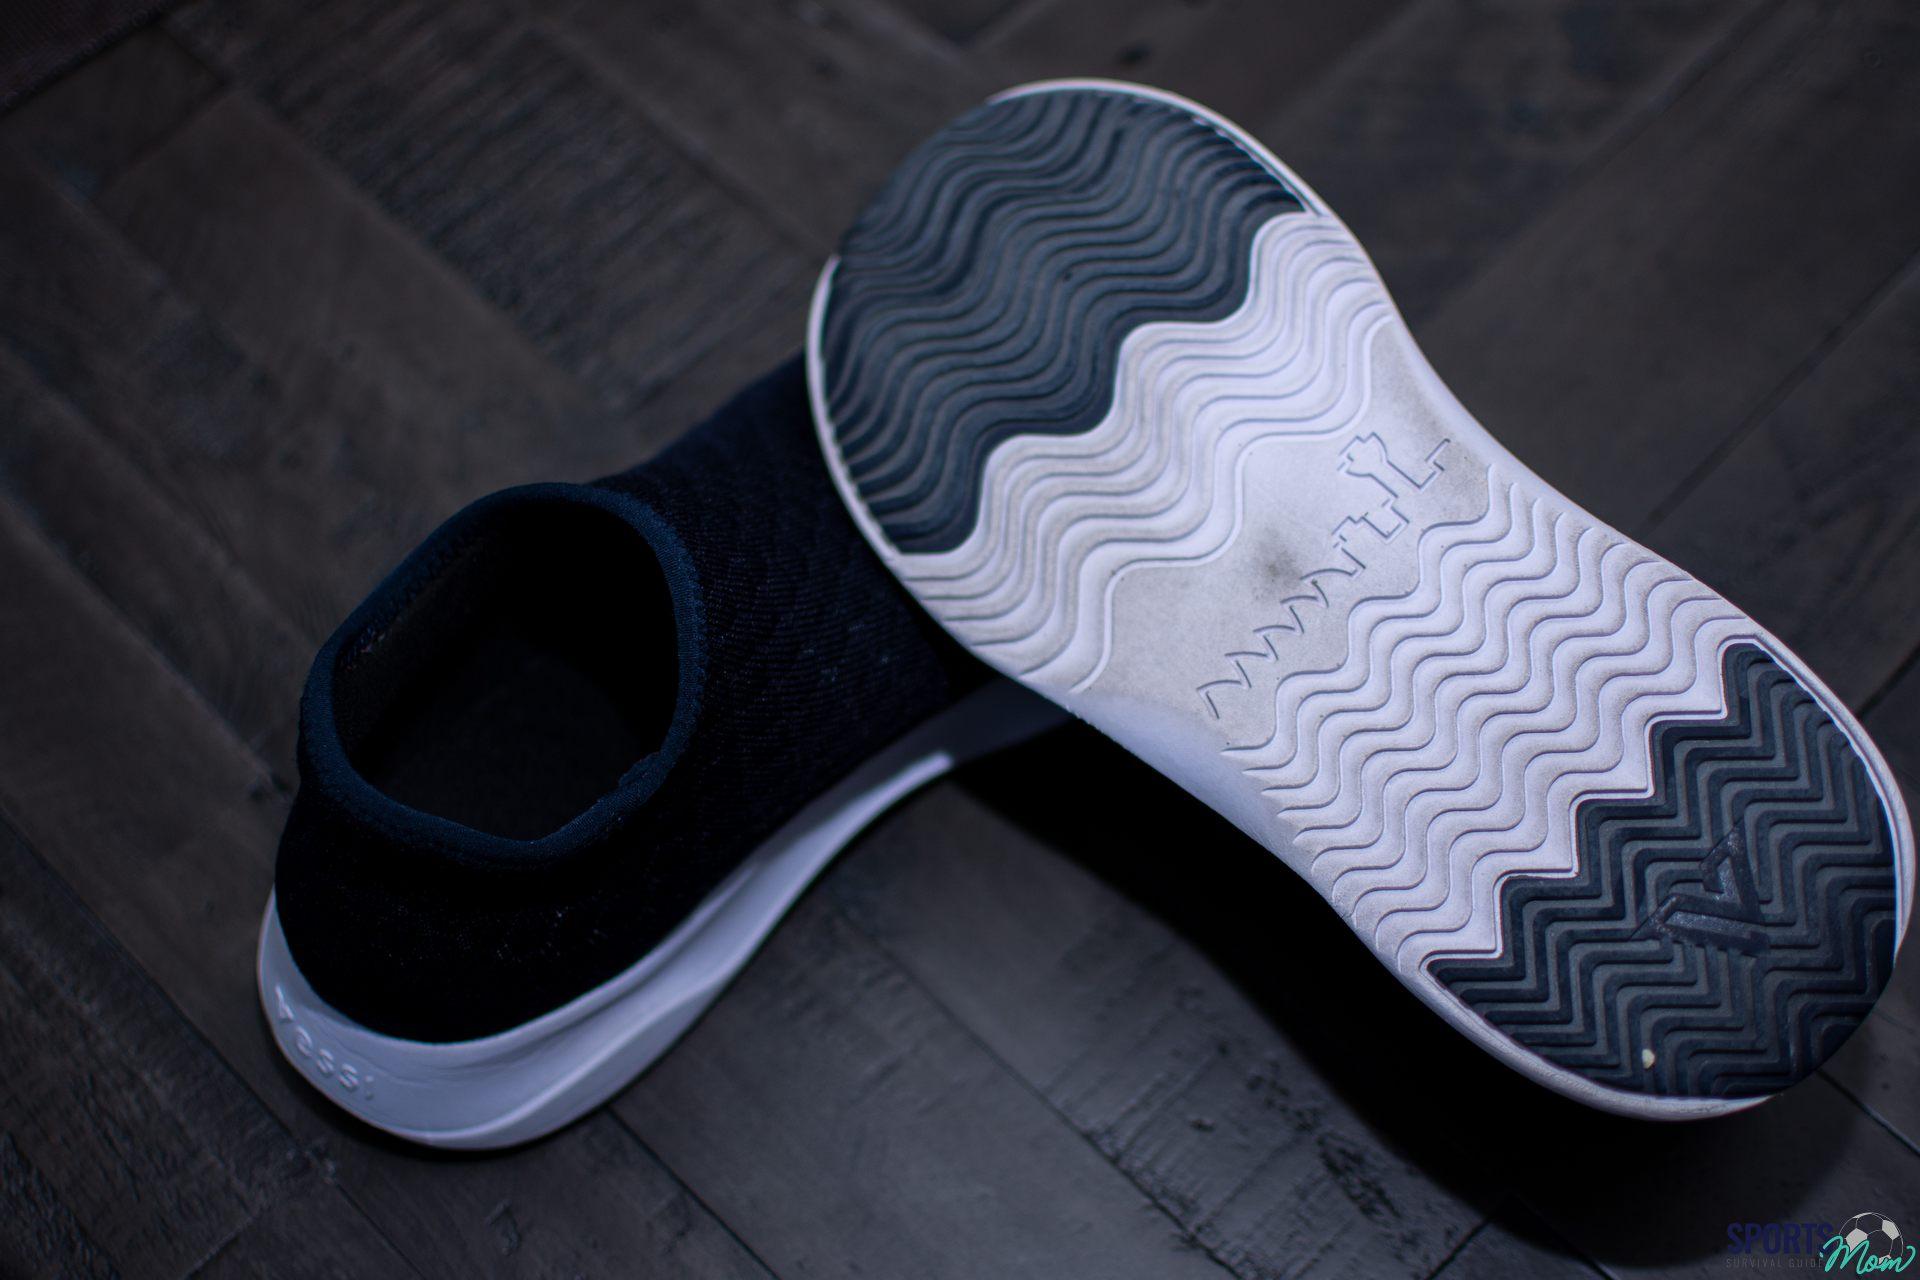 Vessi Everyday Slip-On Waterproof Shoes